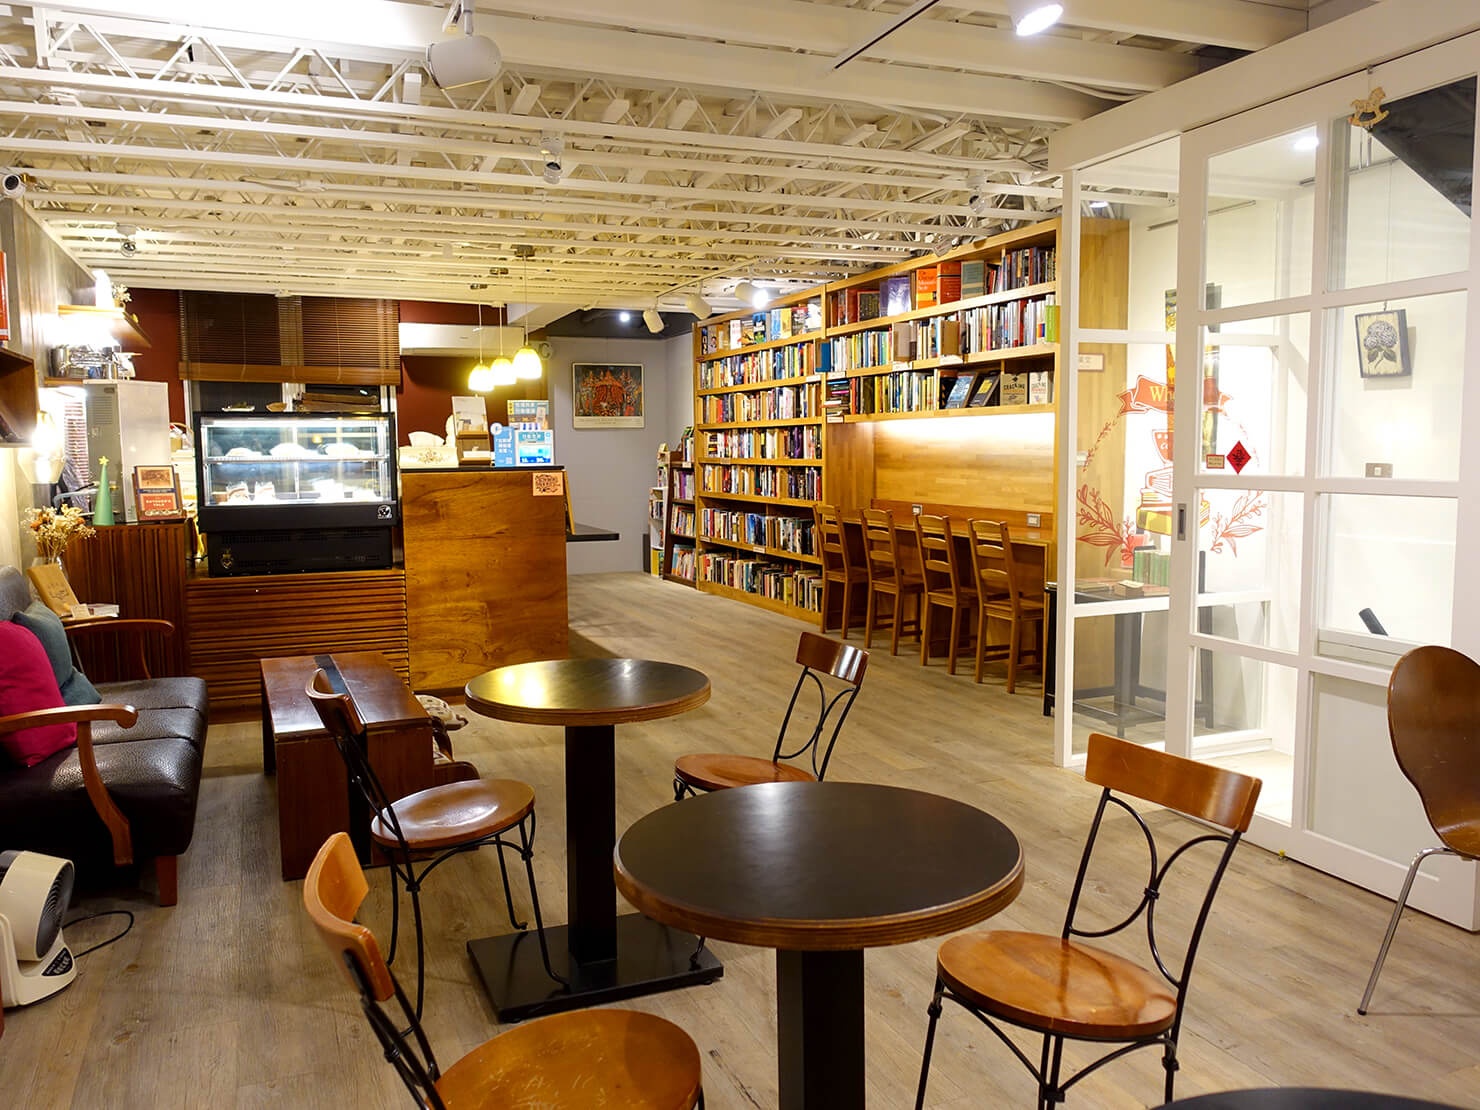 台北で日本語の本が買えるおすすめの古本屋さん「胡思二手書店」カフェスペース